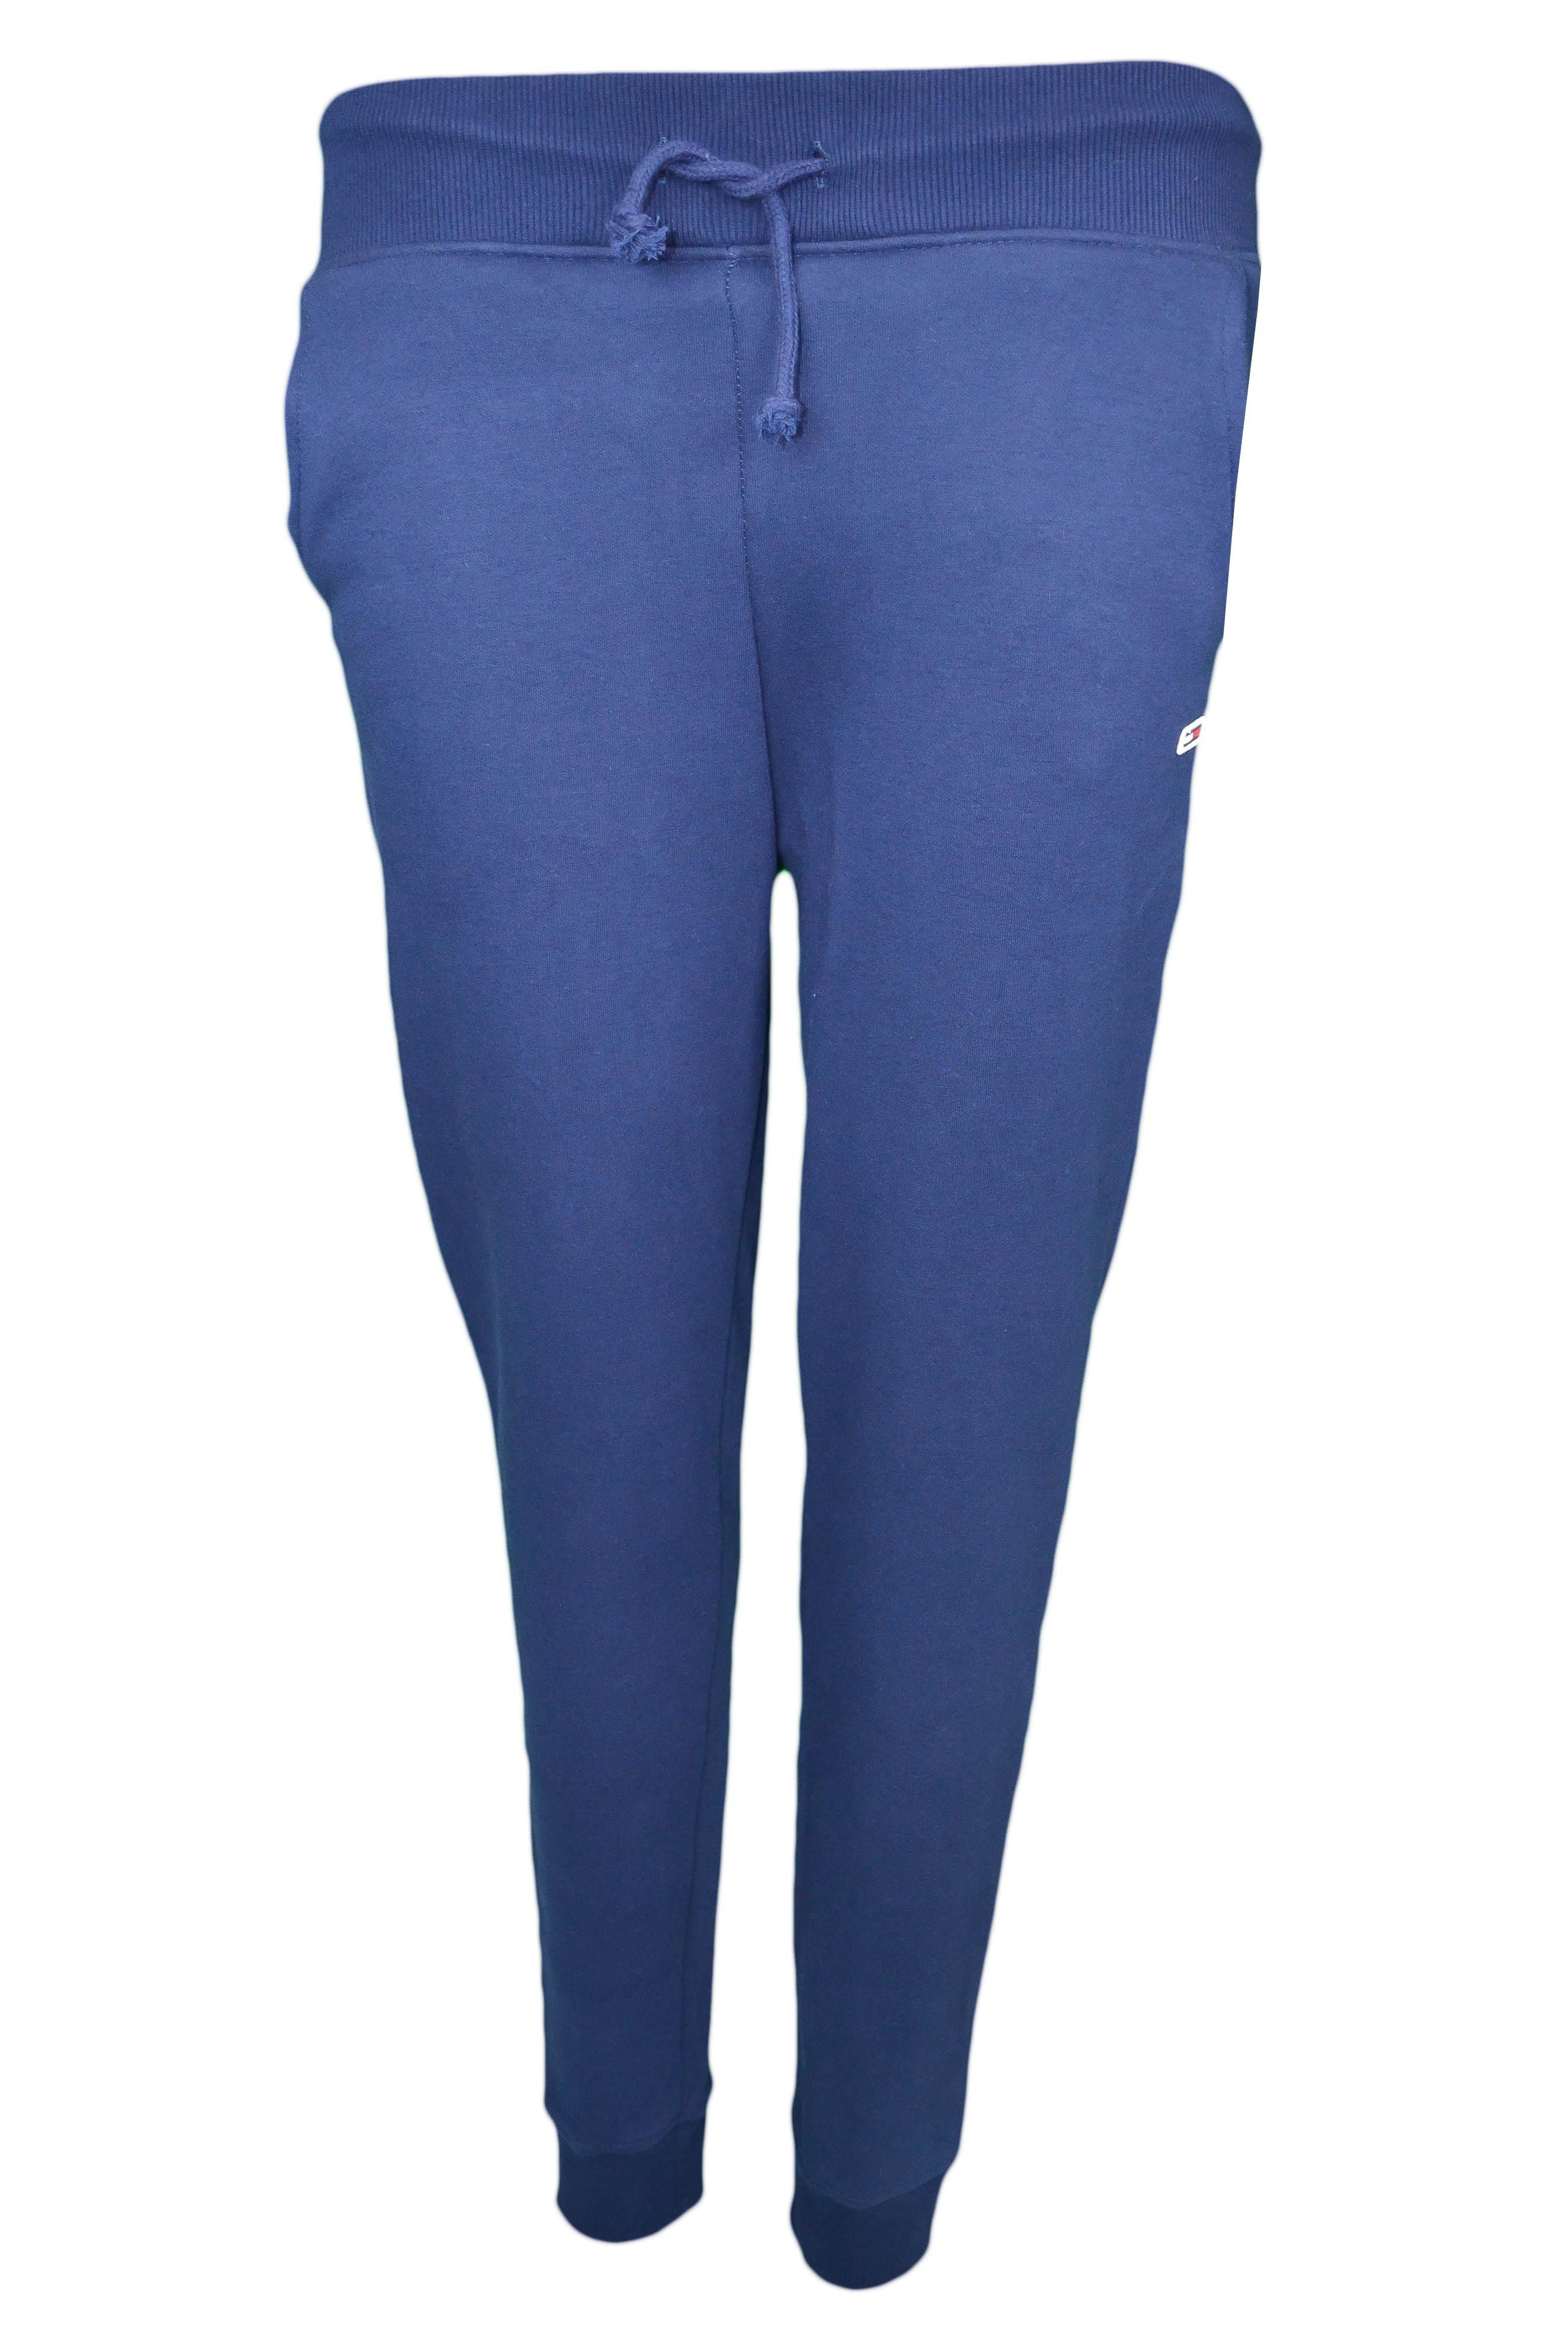 baskets pour pas cher premier taux bonne réputation Pantalon jogging Tommy Jeans bleu marine pour femme - Toujours au m...